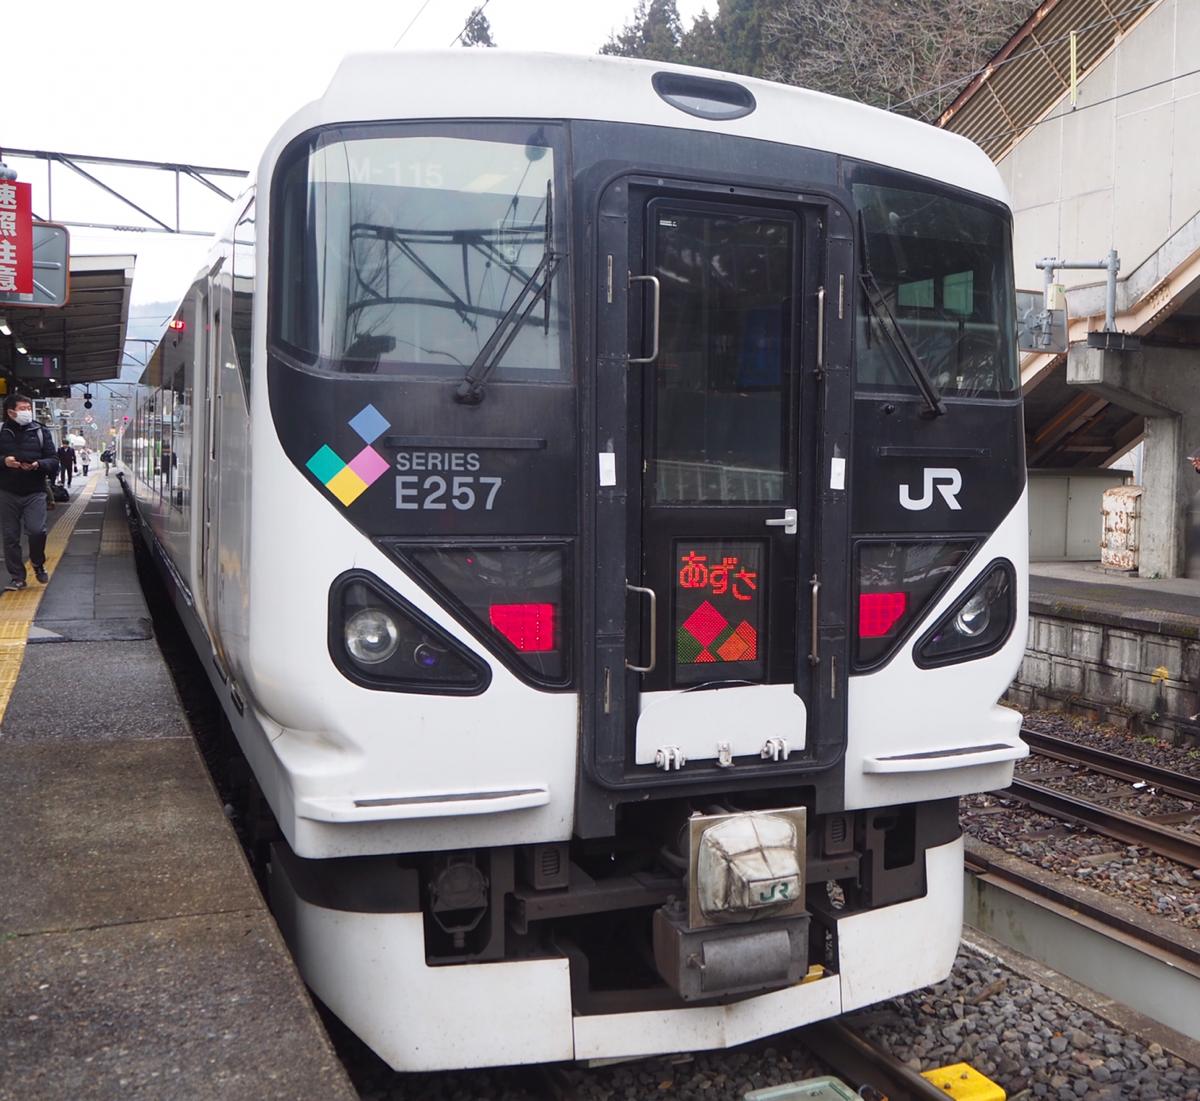 特急あずさ3号で千葉駅から南小谷駅まで4時間は長いと思ったけど、香港~日本の間の飛行機と比べたらずっと快適だった